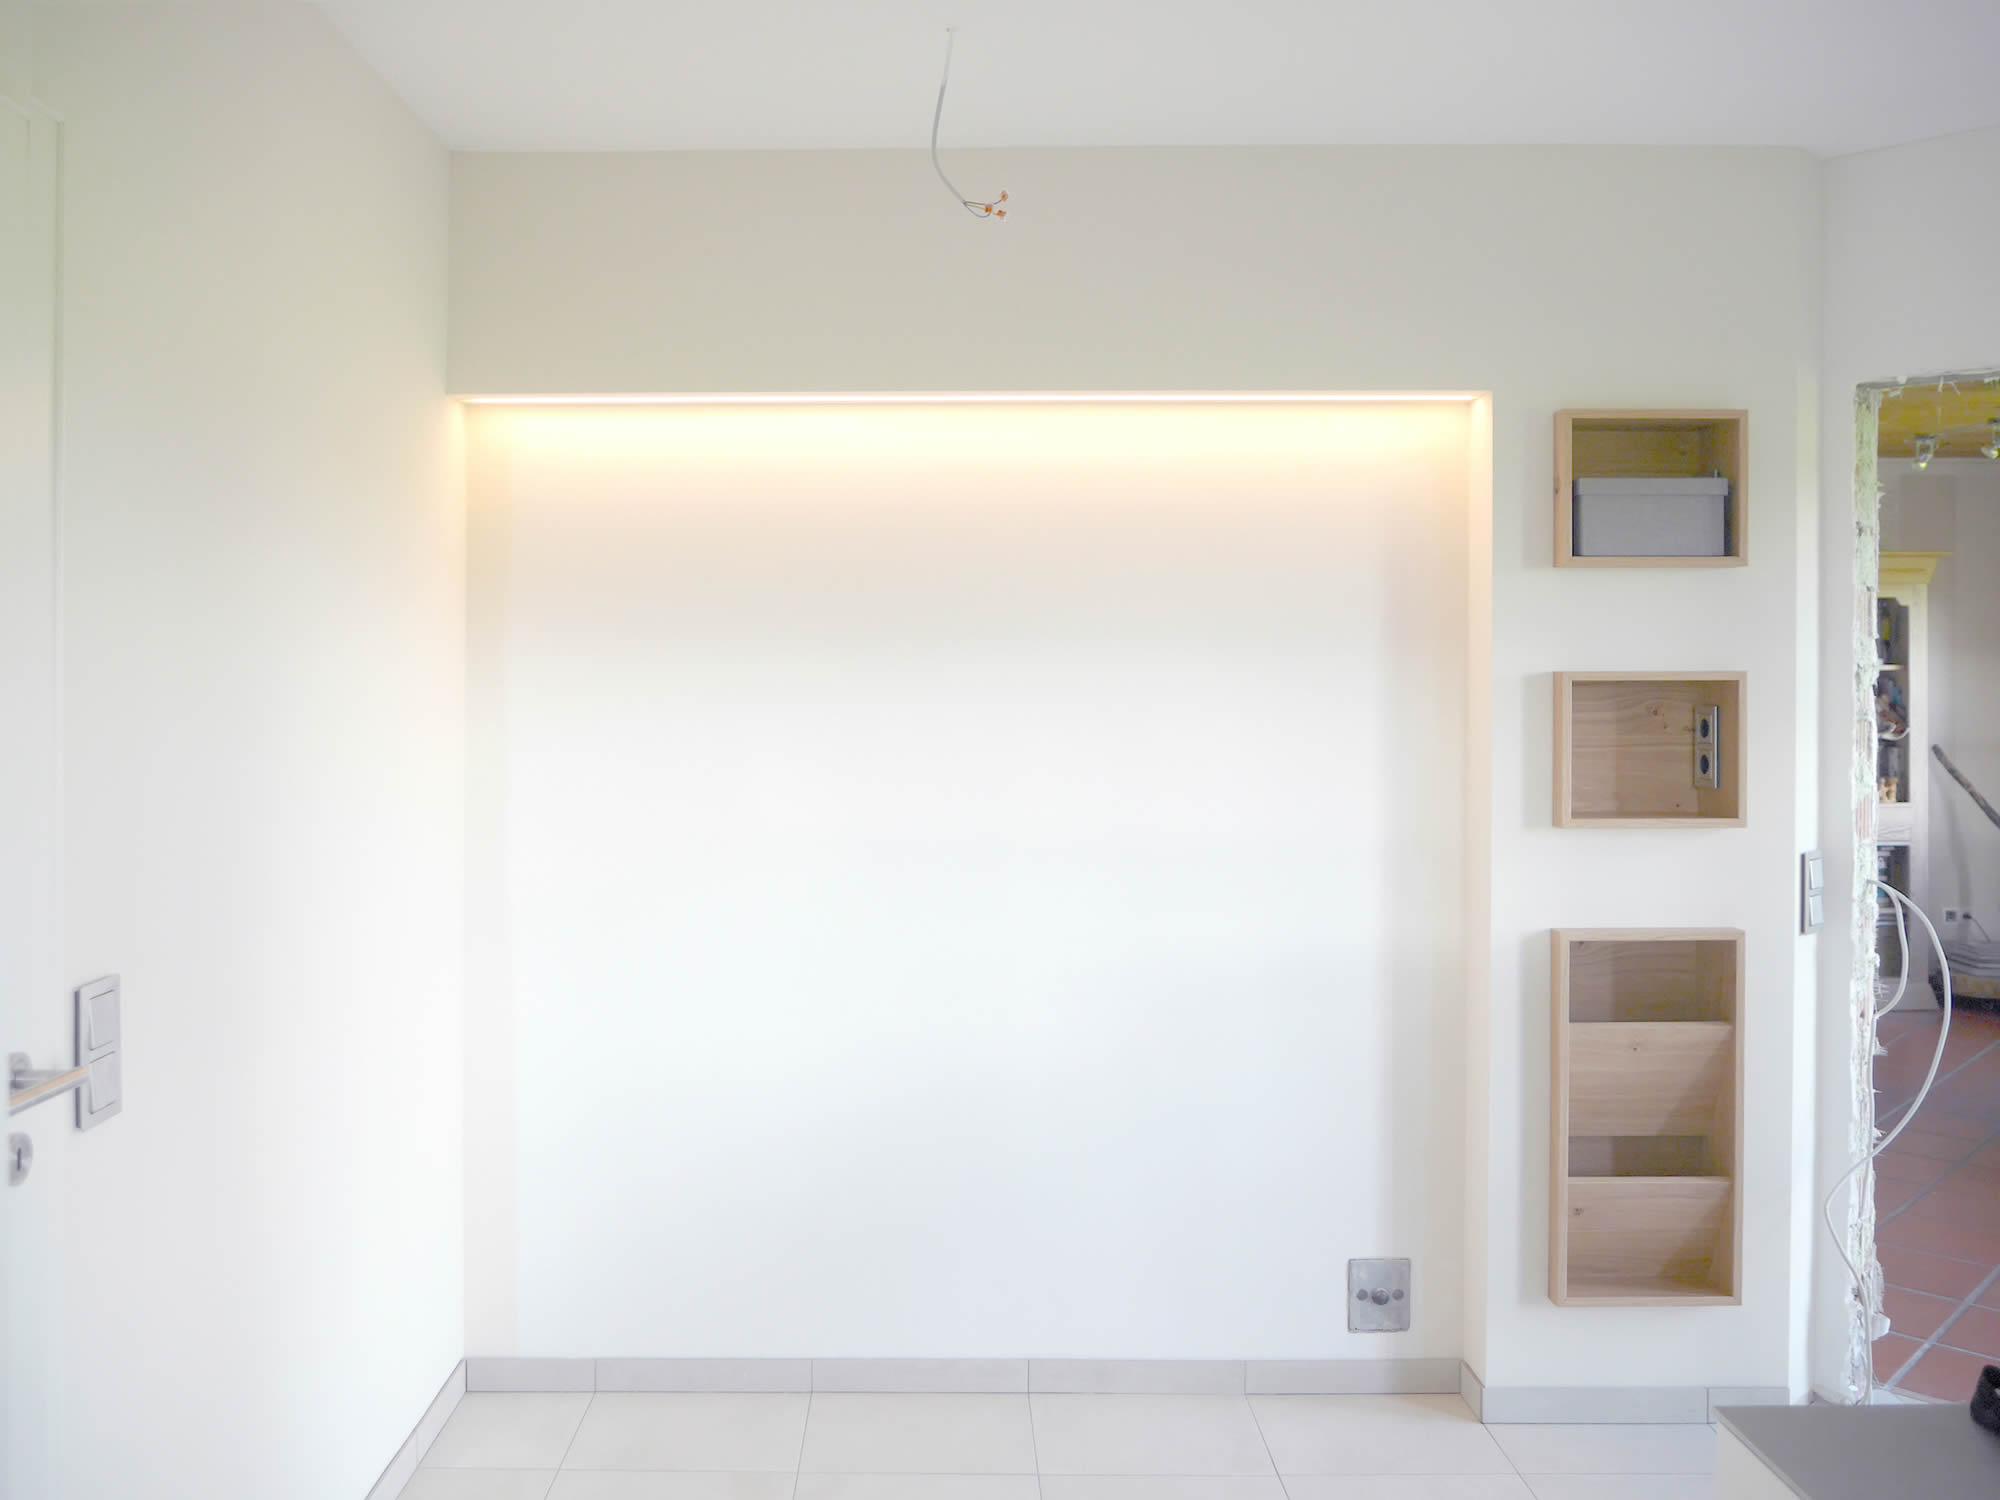 Küche vorher indirekte Beleuchtung